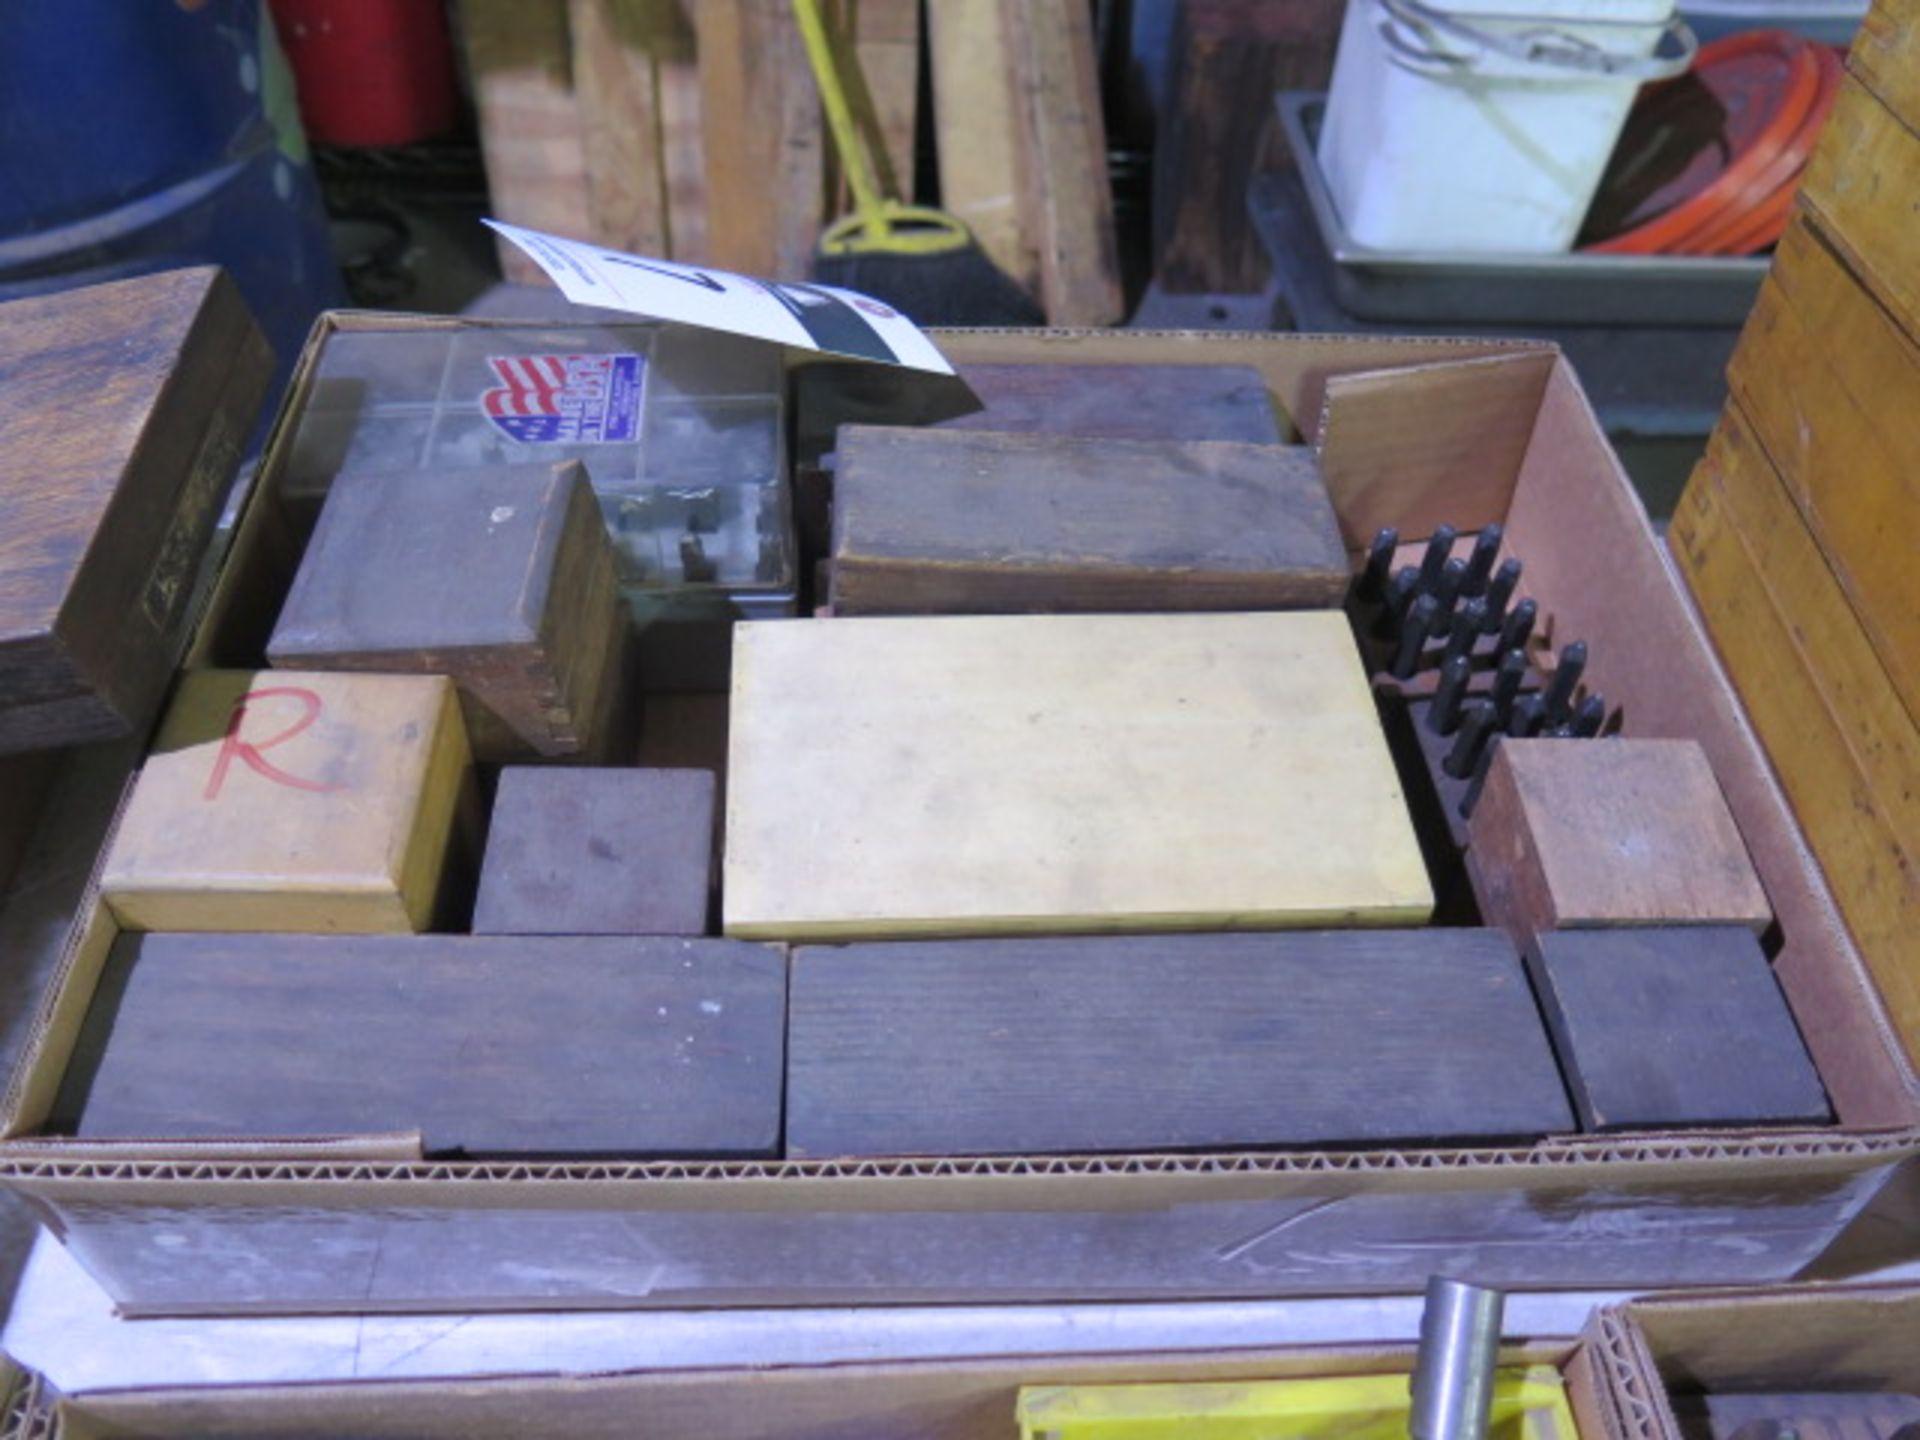 Lot 17 - Impression Stamp Sets